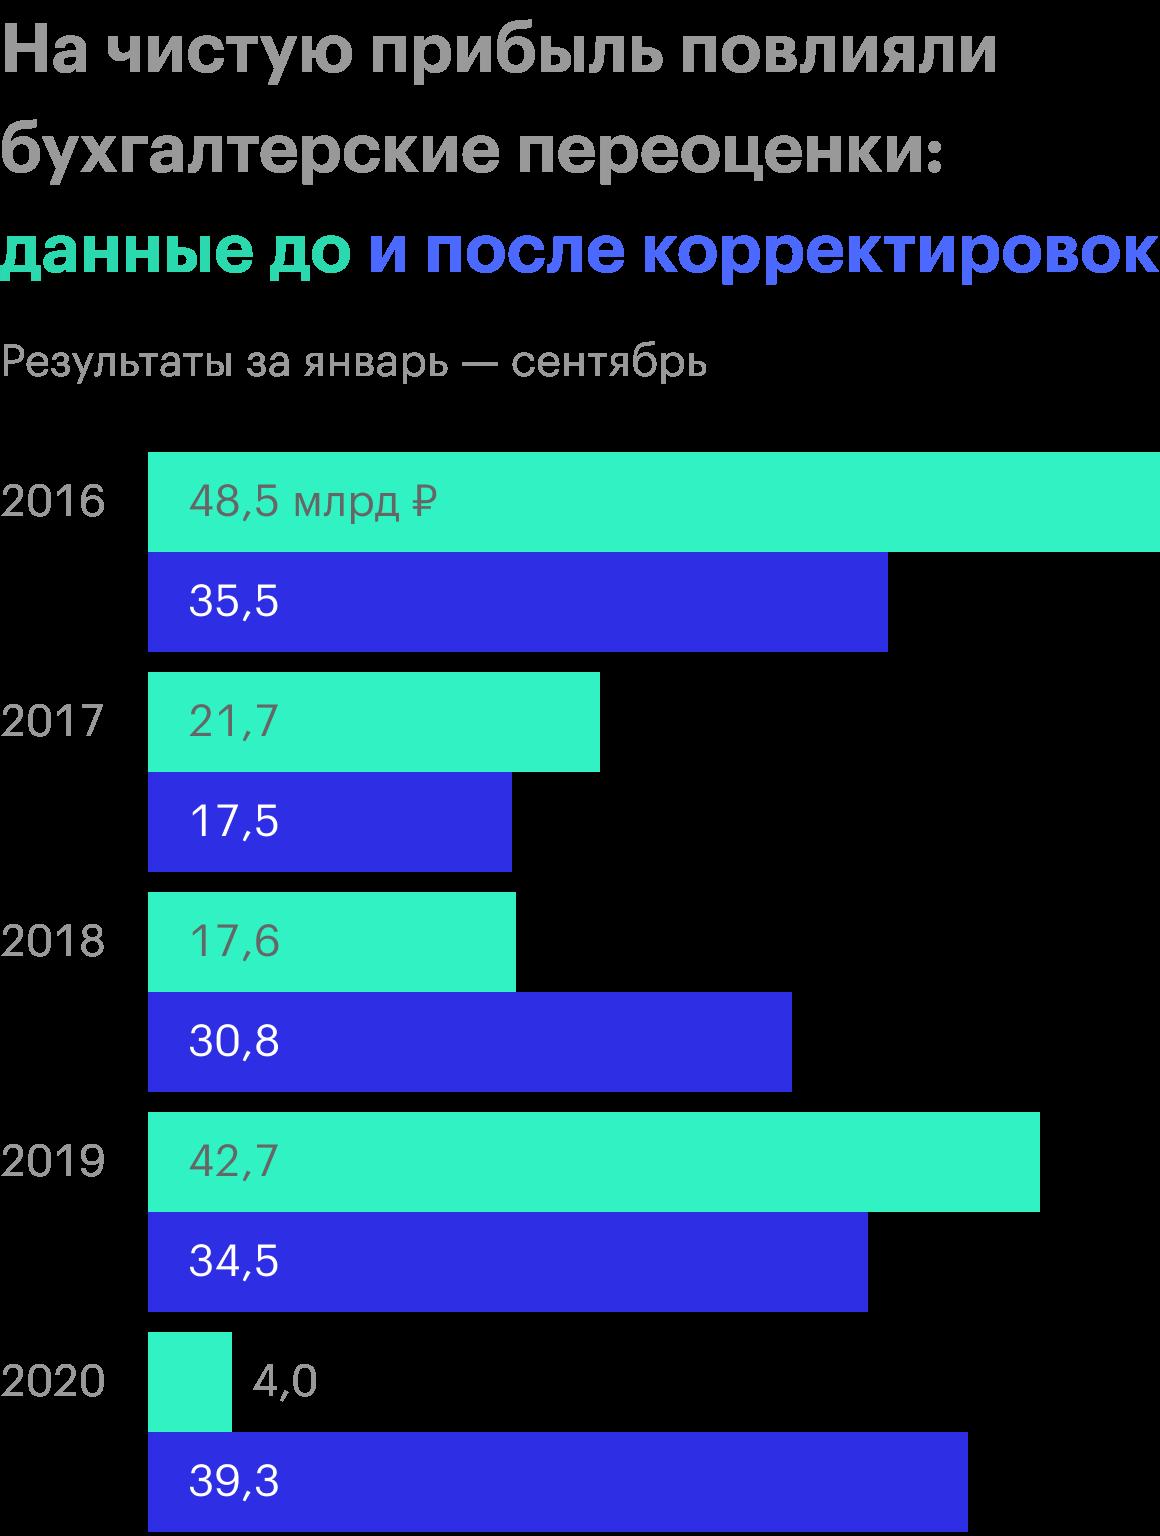 Источник: финансовая отчетность «Фосагро» по МСФО за 6 месяцев 2020года и пресс-релизы